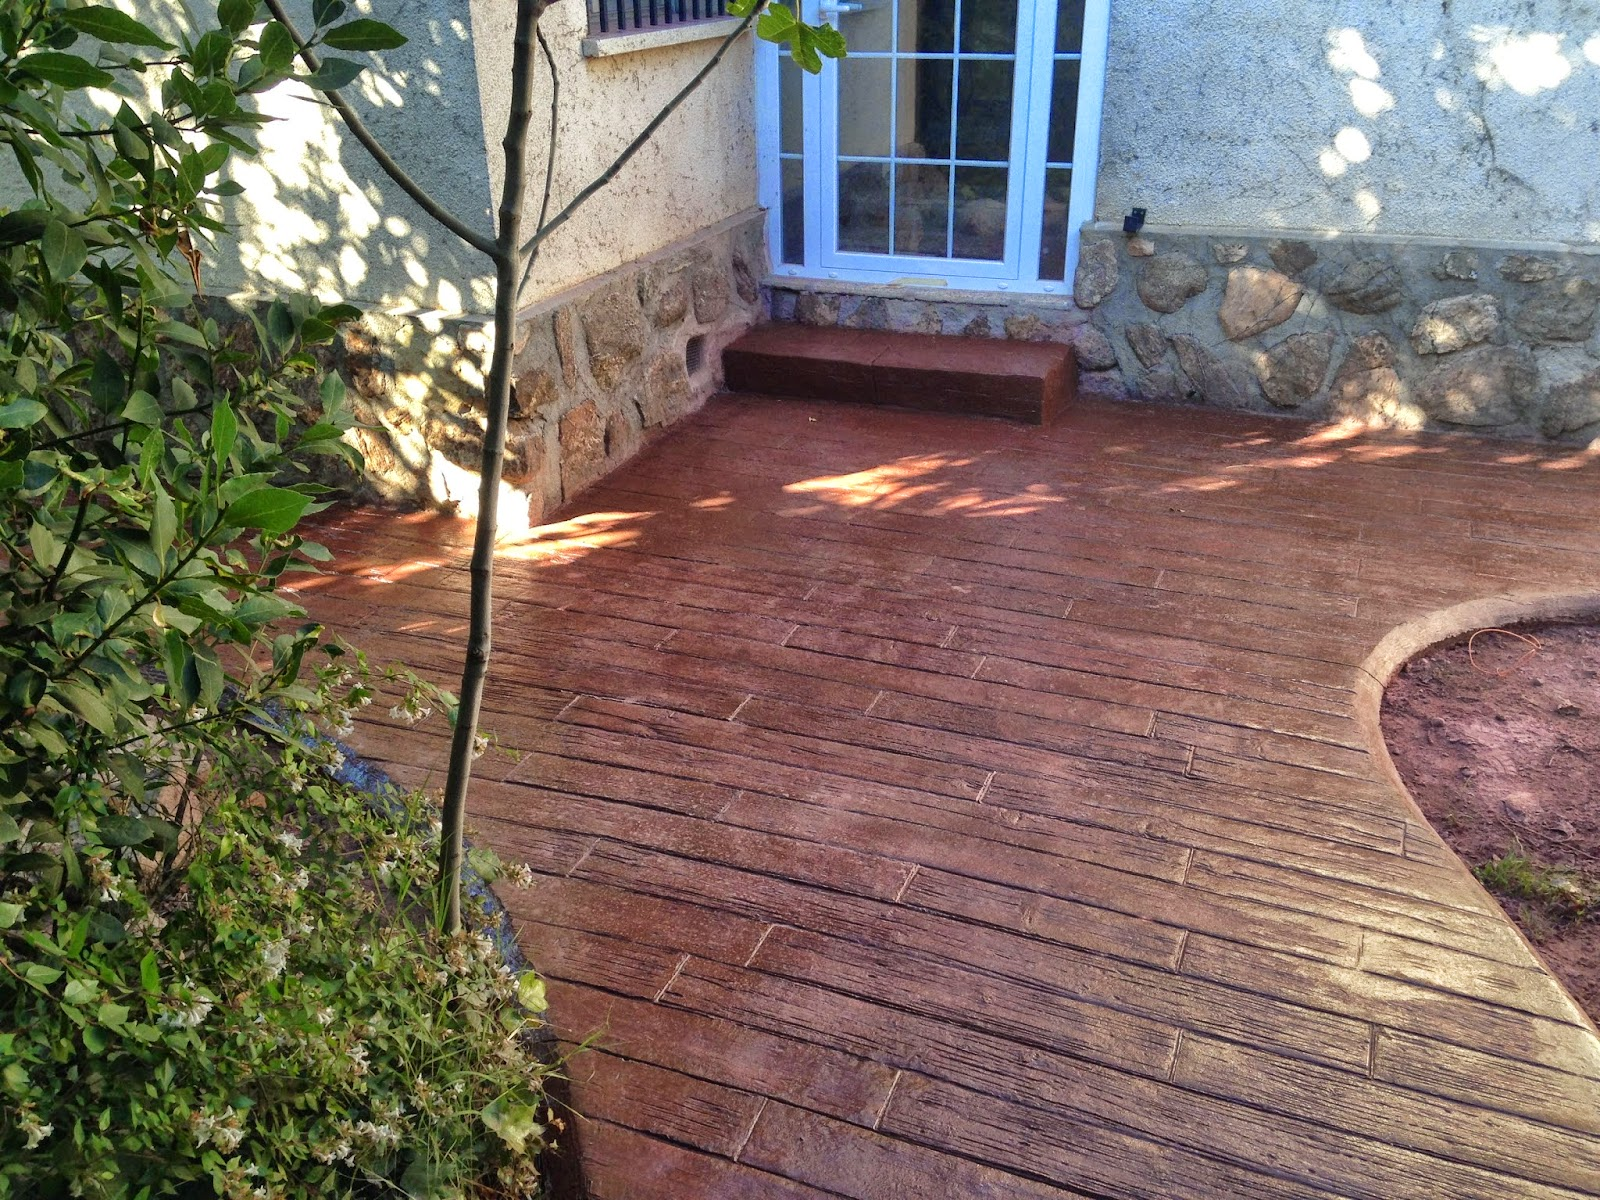 Pavimento de hormig n impreso en jard n en javea molde de for Pavimentos para jardines exteriores